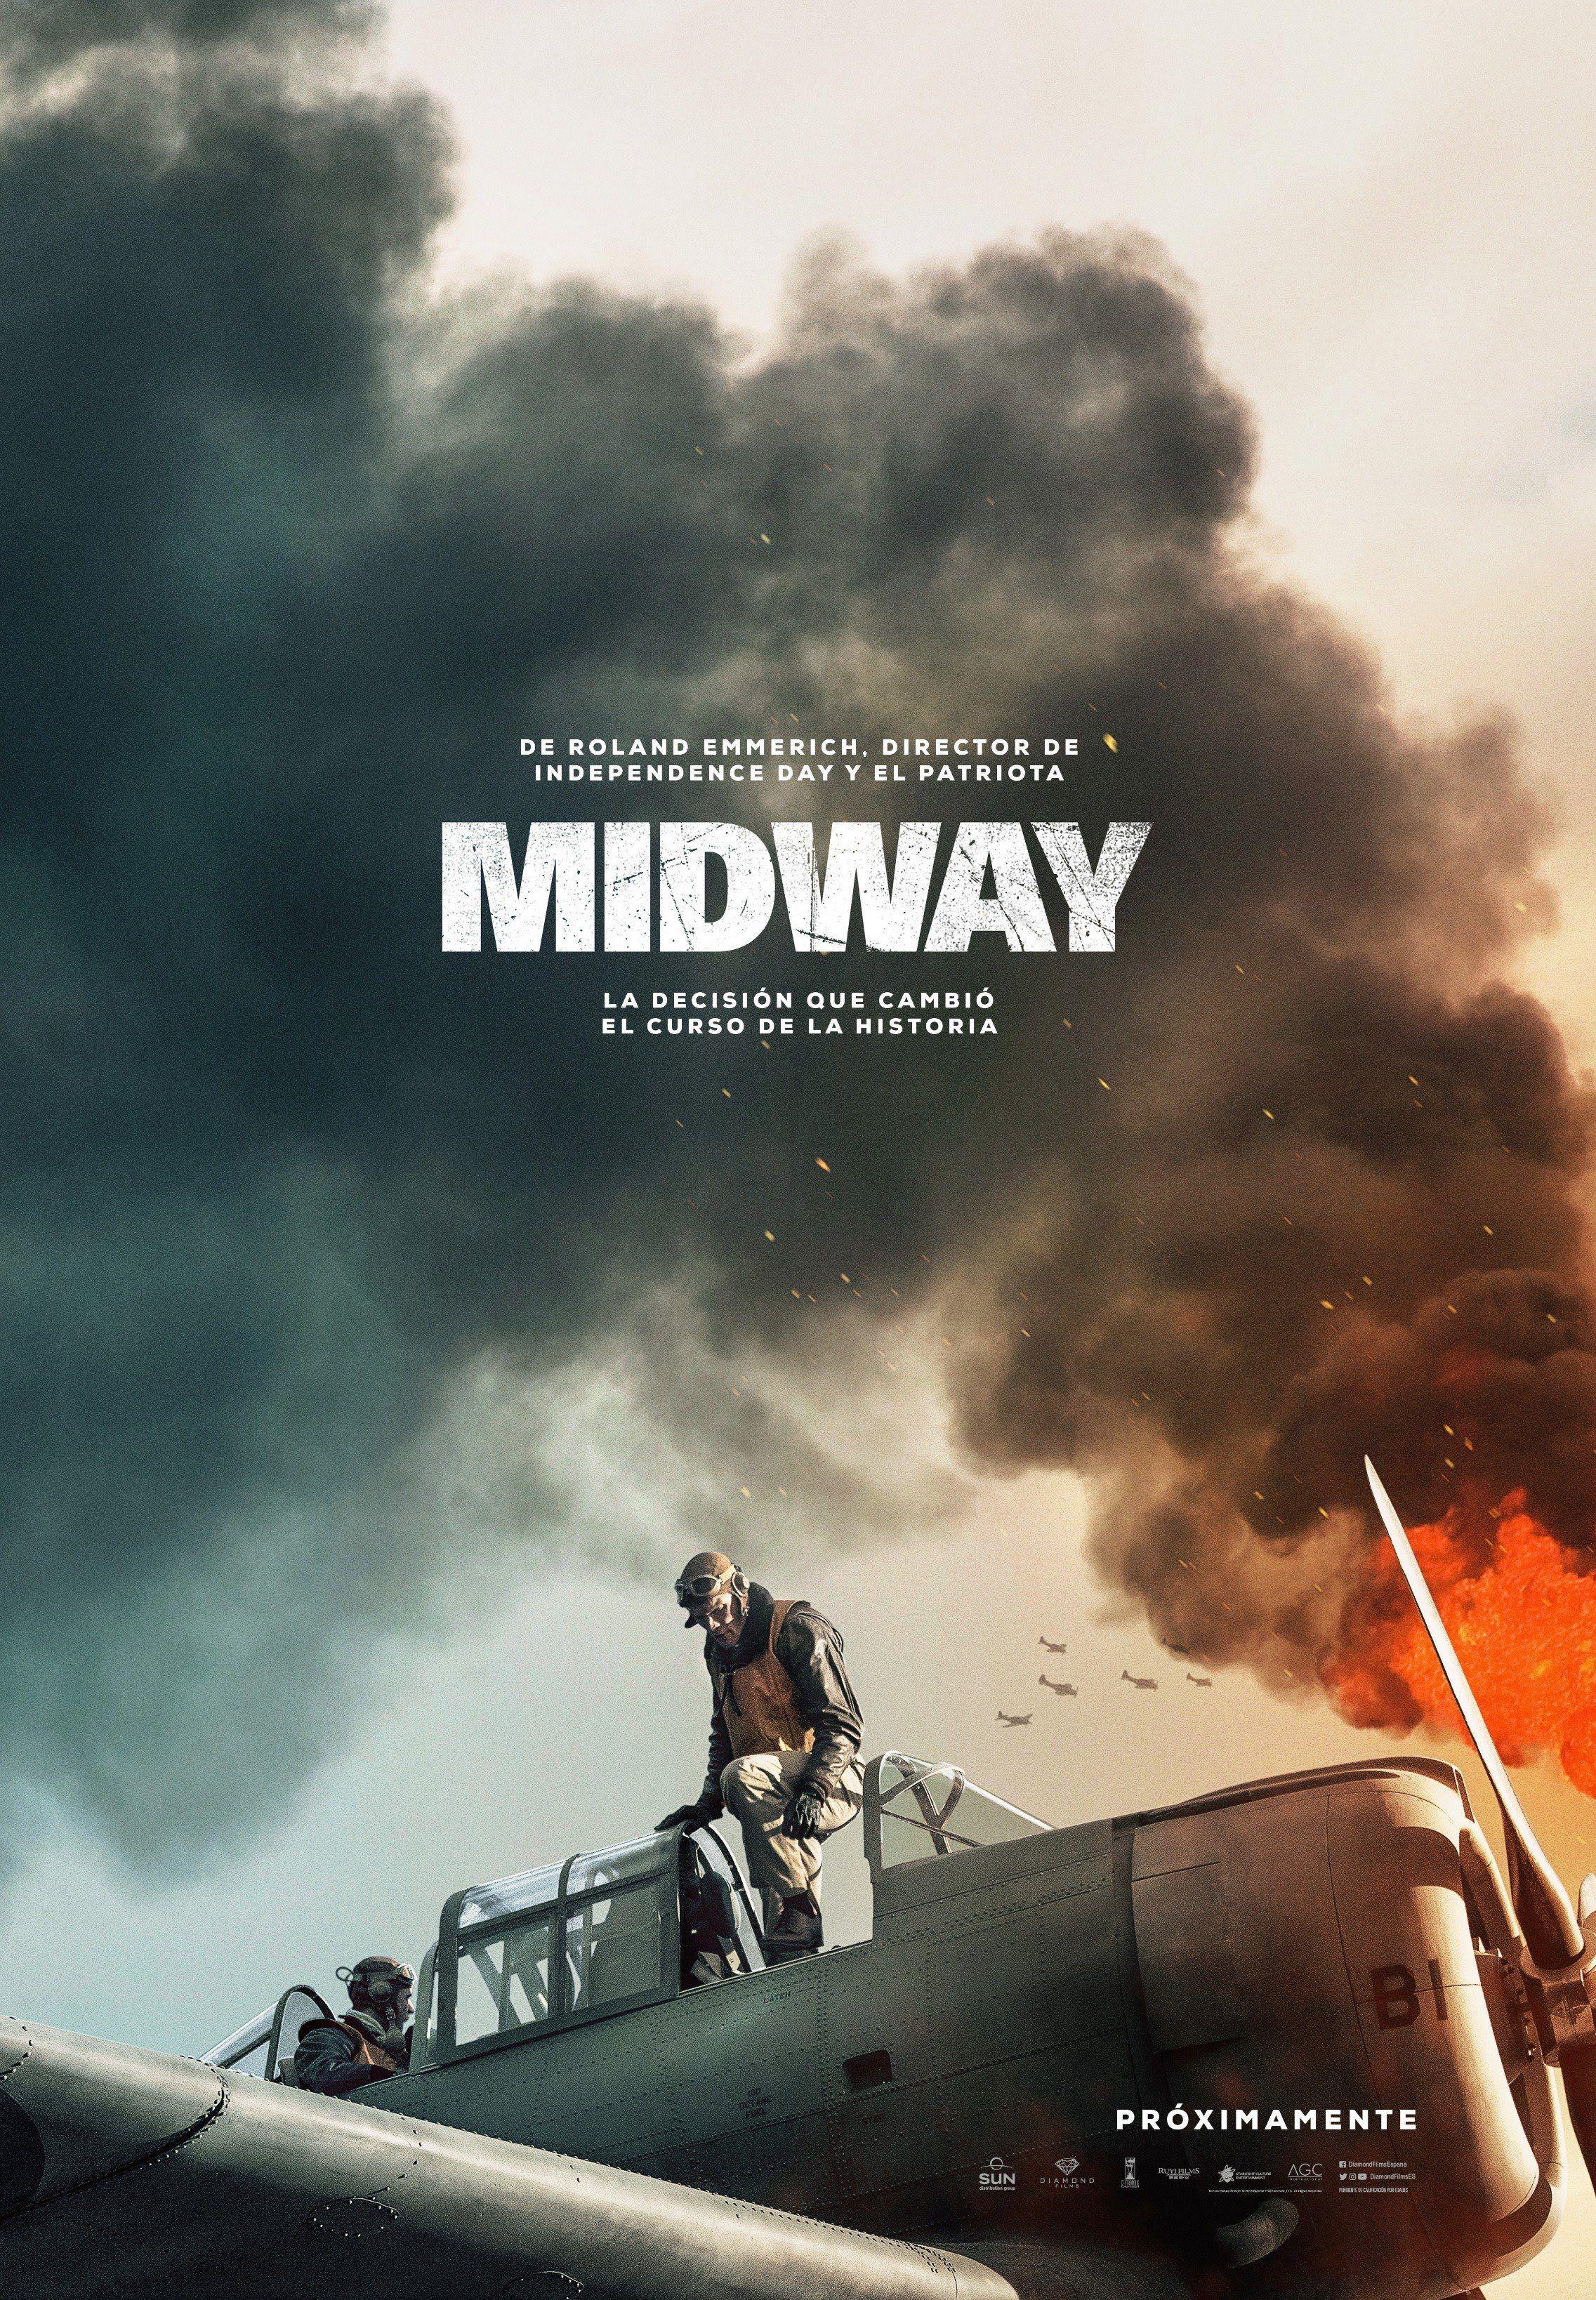 Midway Películas Completas Peliculas En Español Peliculas